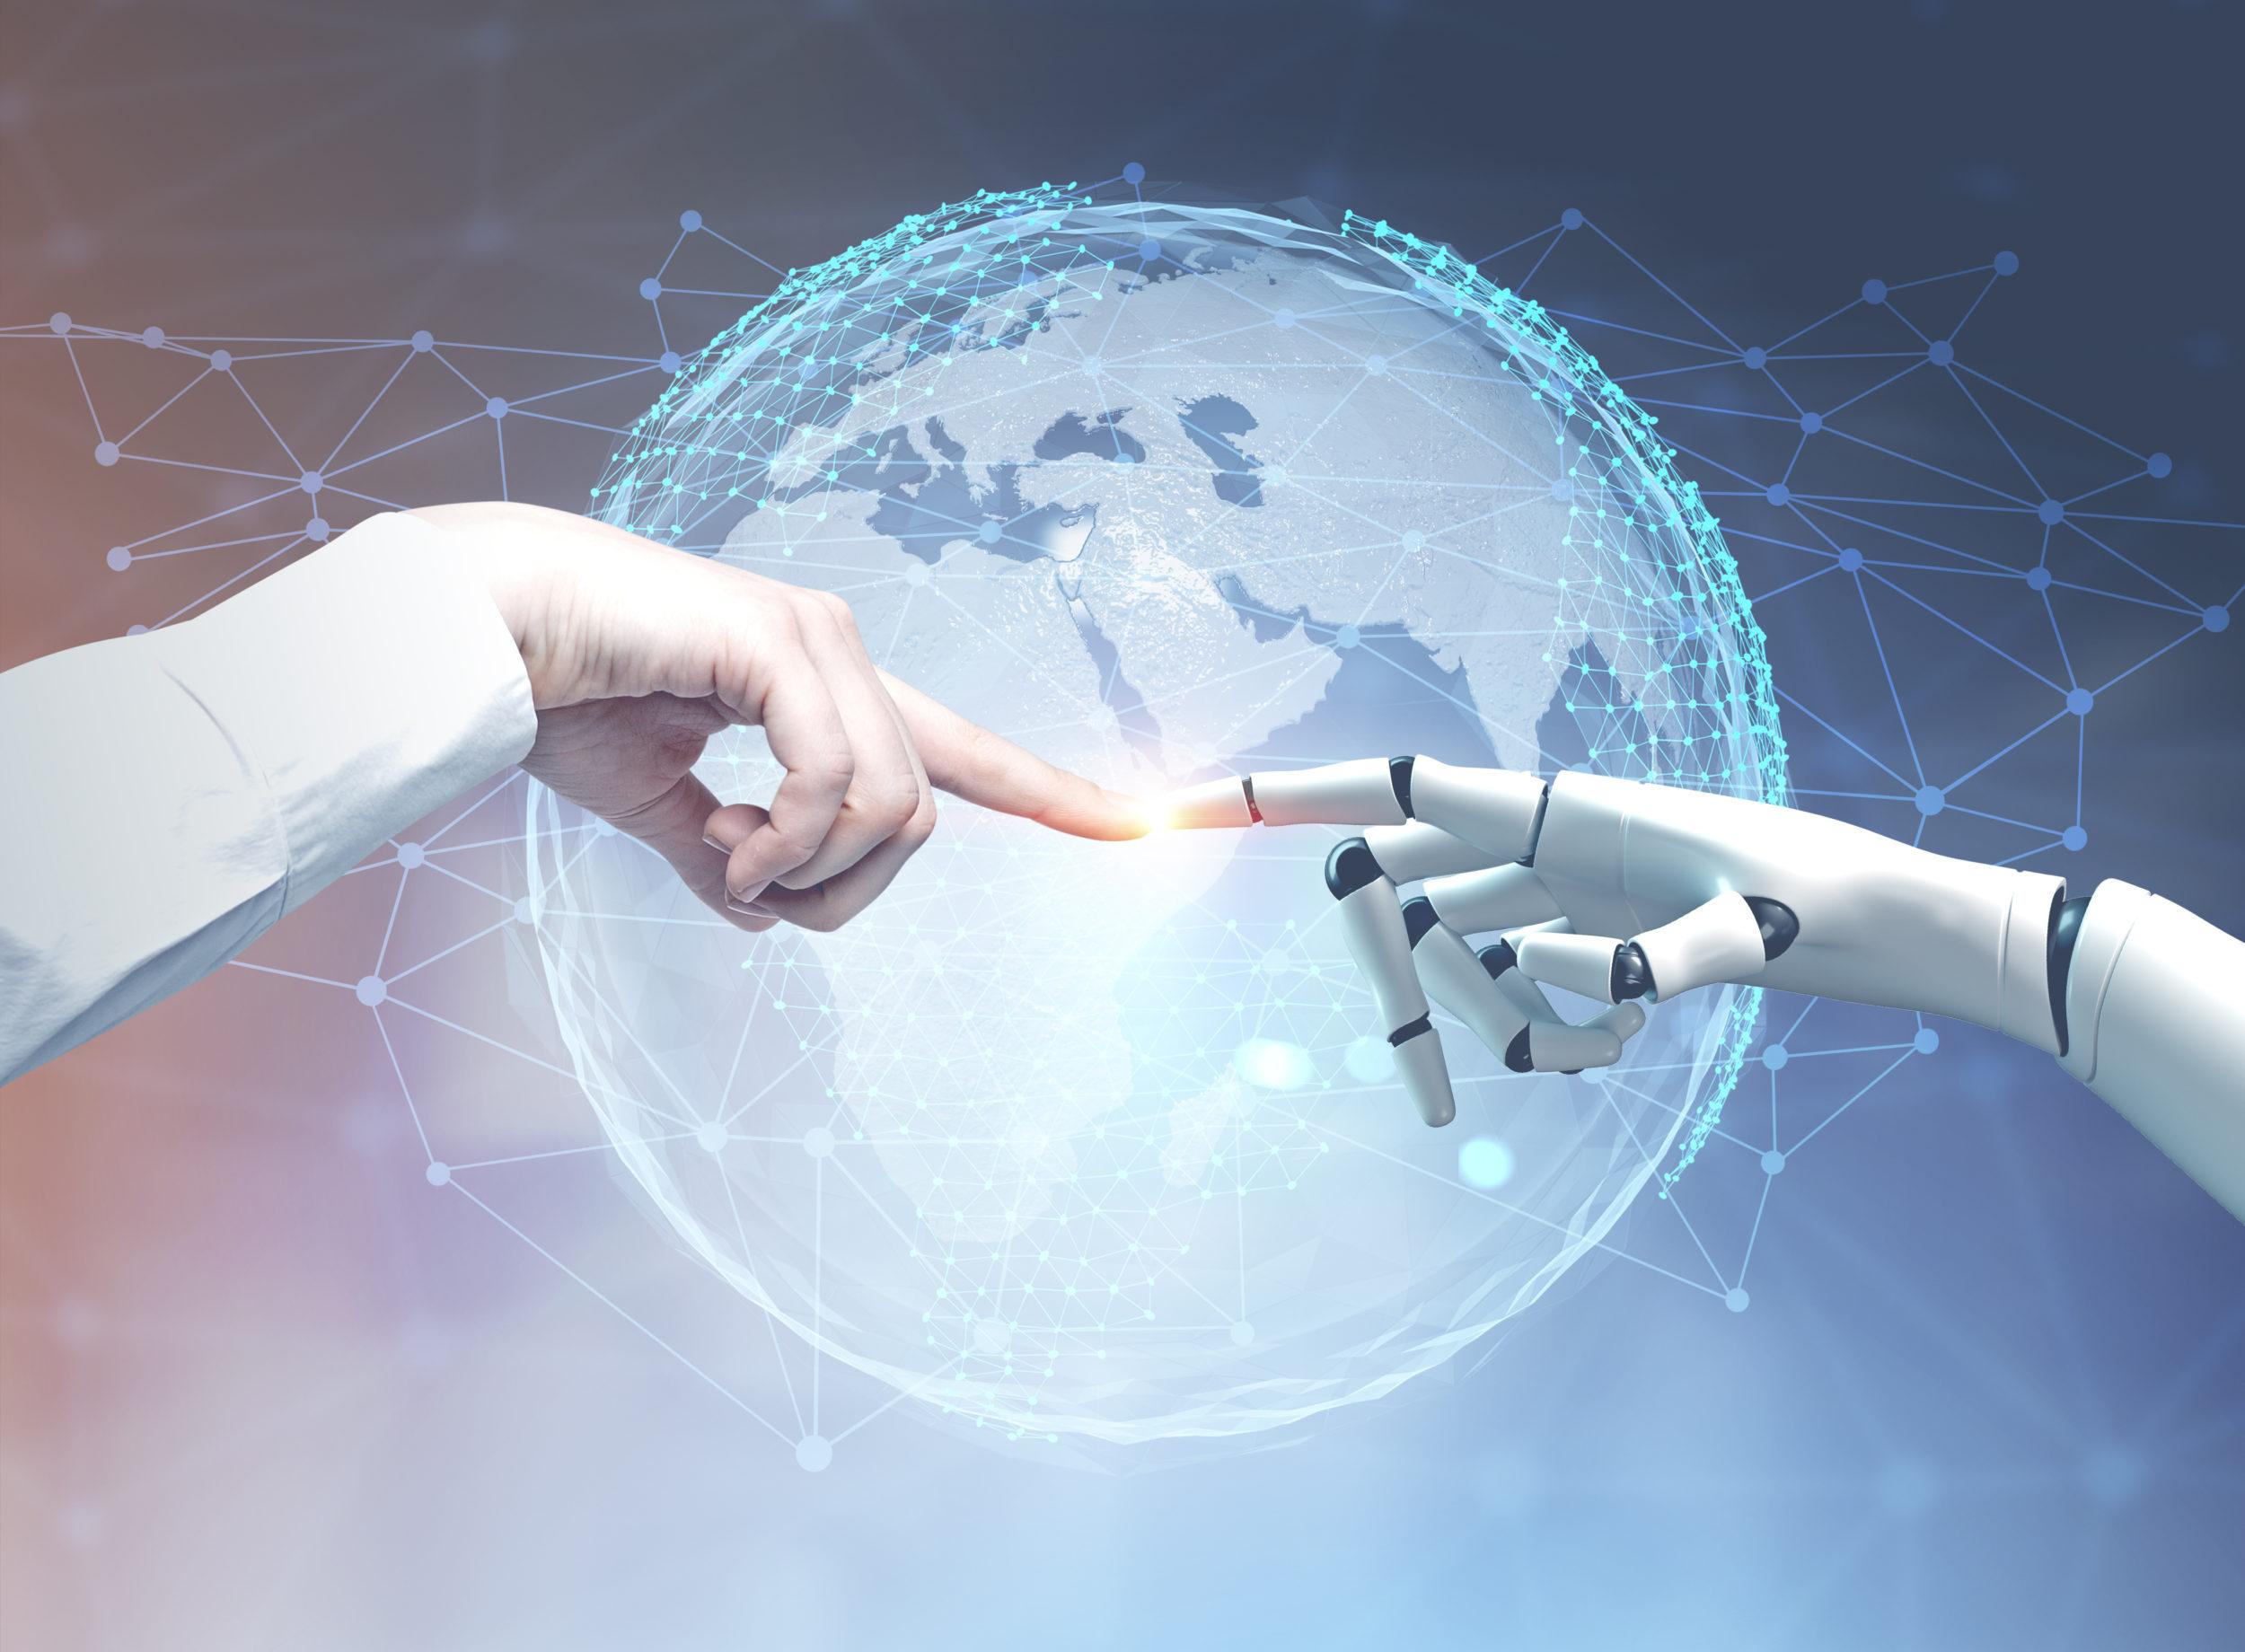 Vers une Intelligence Artificielle digne d'humanité